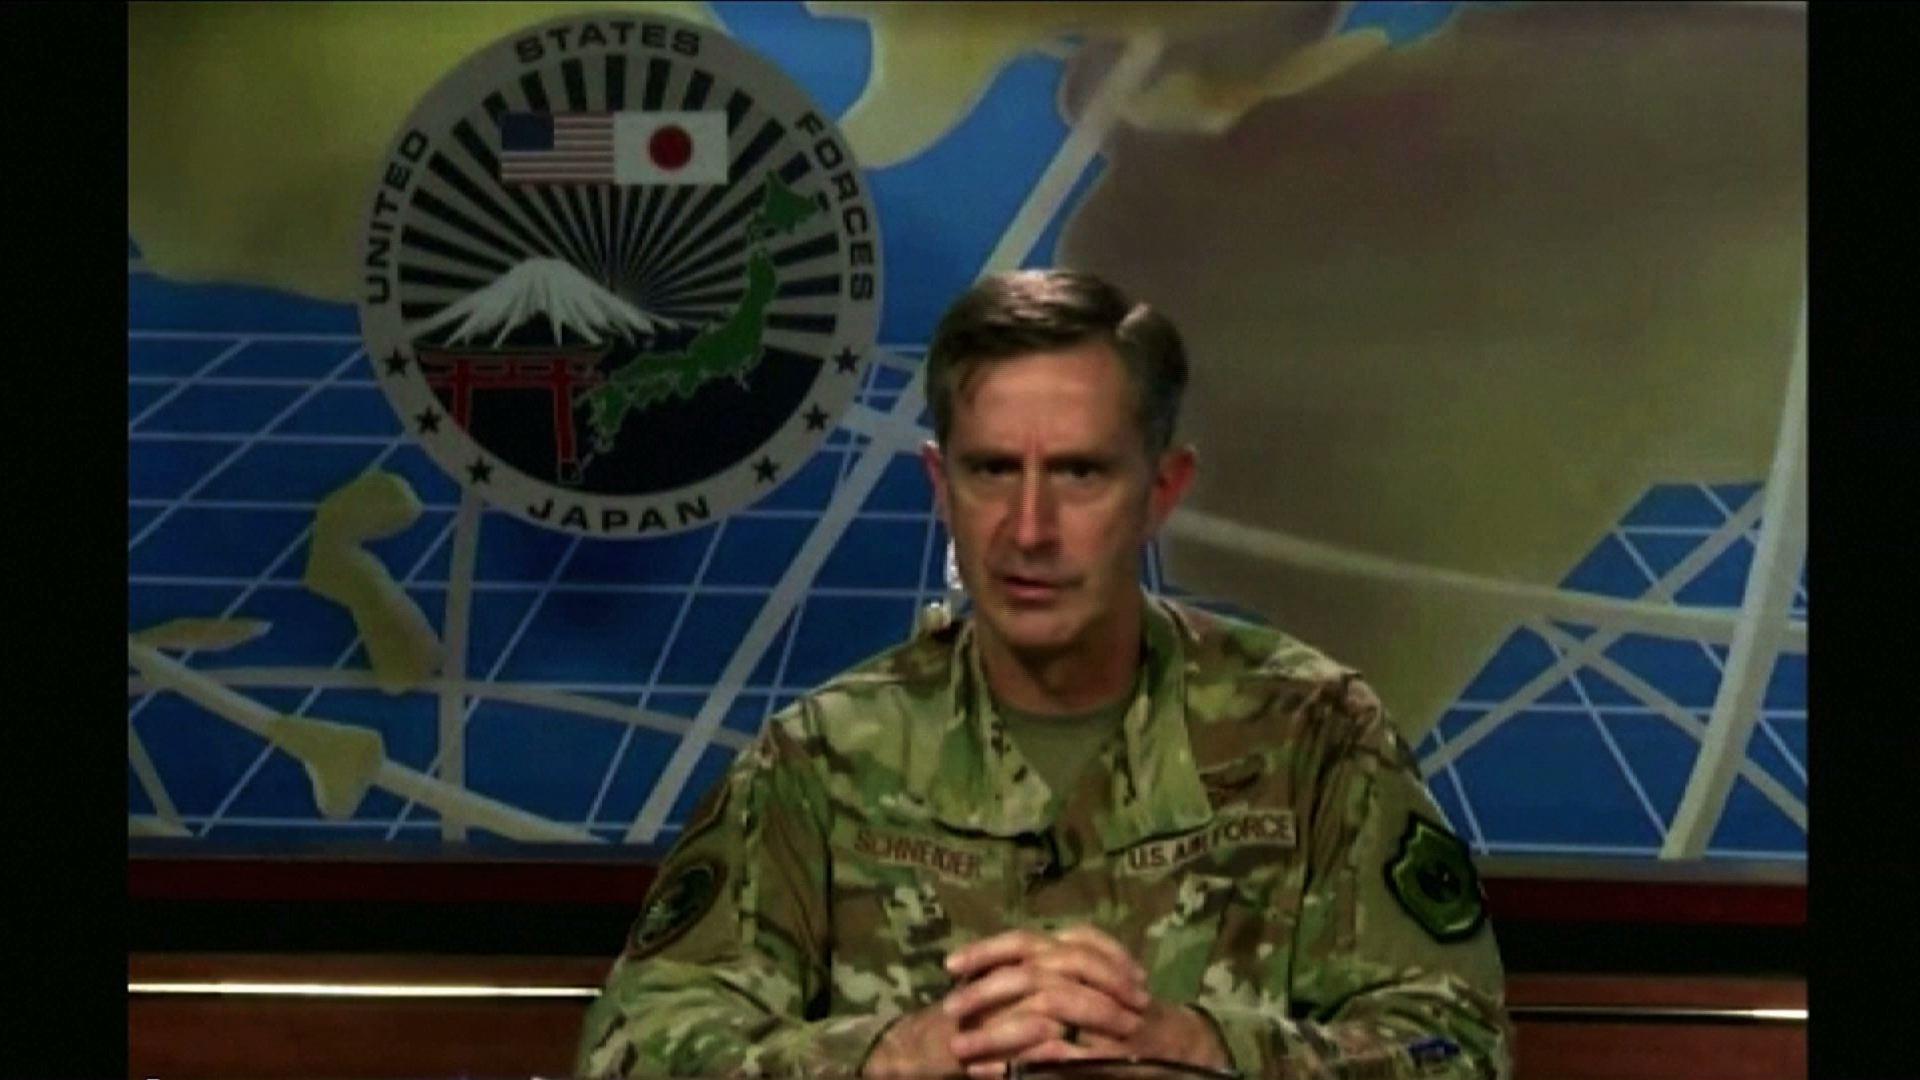 """Hoa Kỳ tuyên bố sẽ giúp Nhật Bản theo dõi cuộc xâm lược """"chưa từng có"""" của Trung Cộng quanh các đảo bị tranh chấp ở biển Đông"""